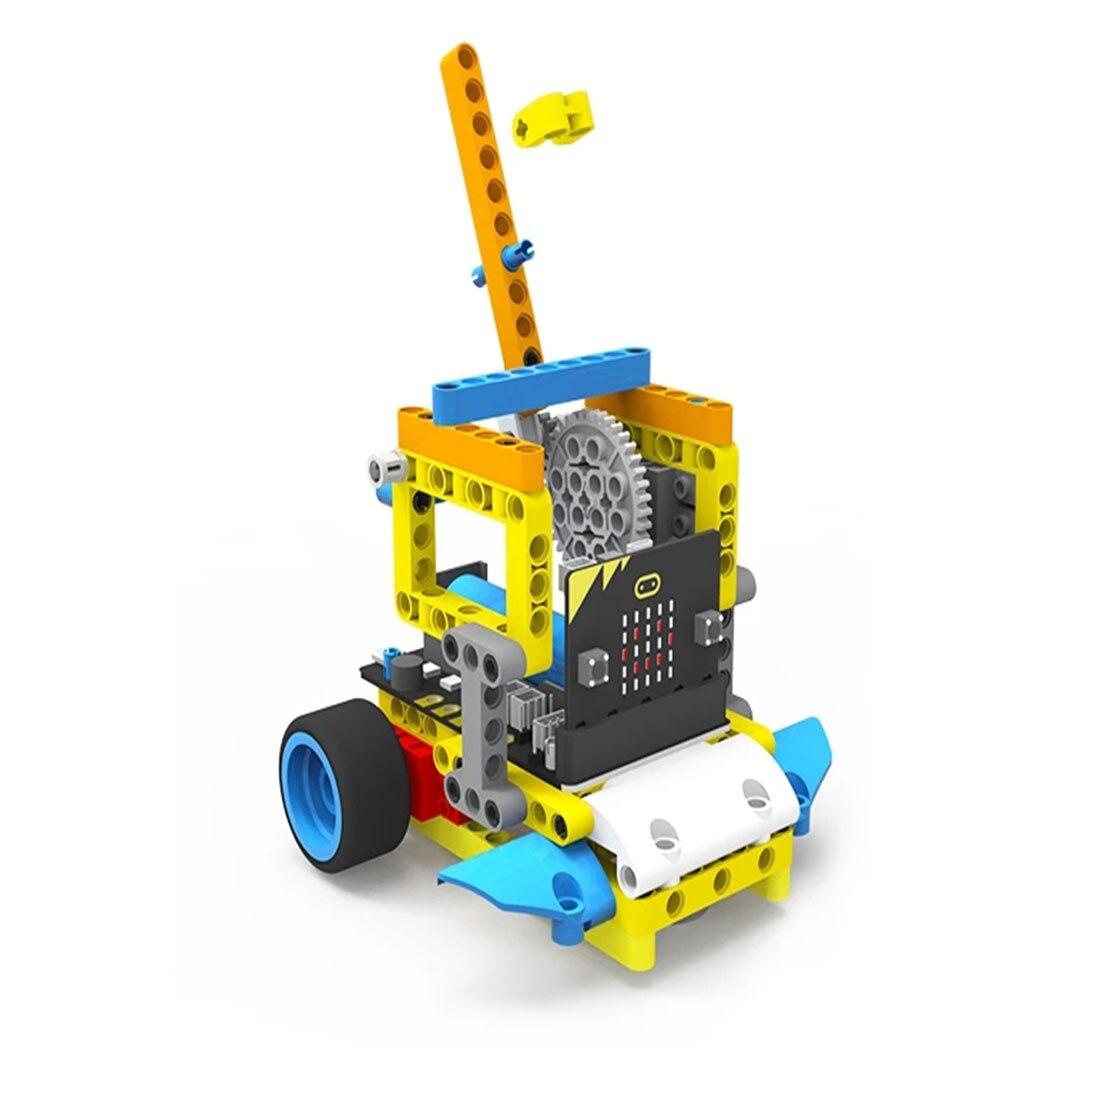 Programm Intelligente Roboter Baustein Auto Kit Verschiedene Formen Dampf Programmierung Bildung Auto Für Micro: Bit Programmierbare Spielzeug - 2